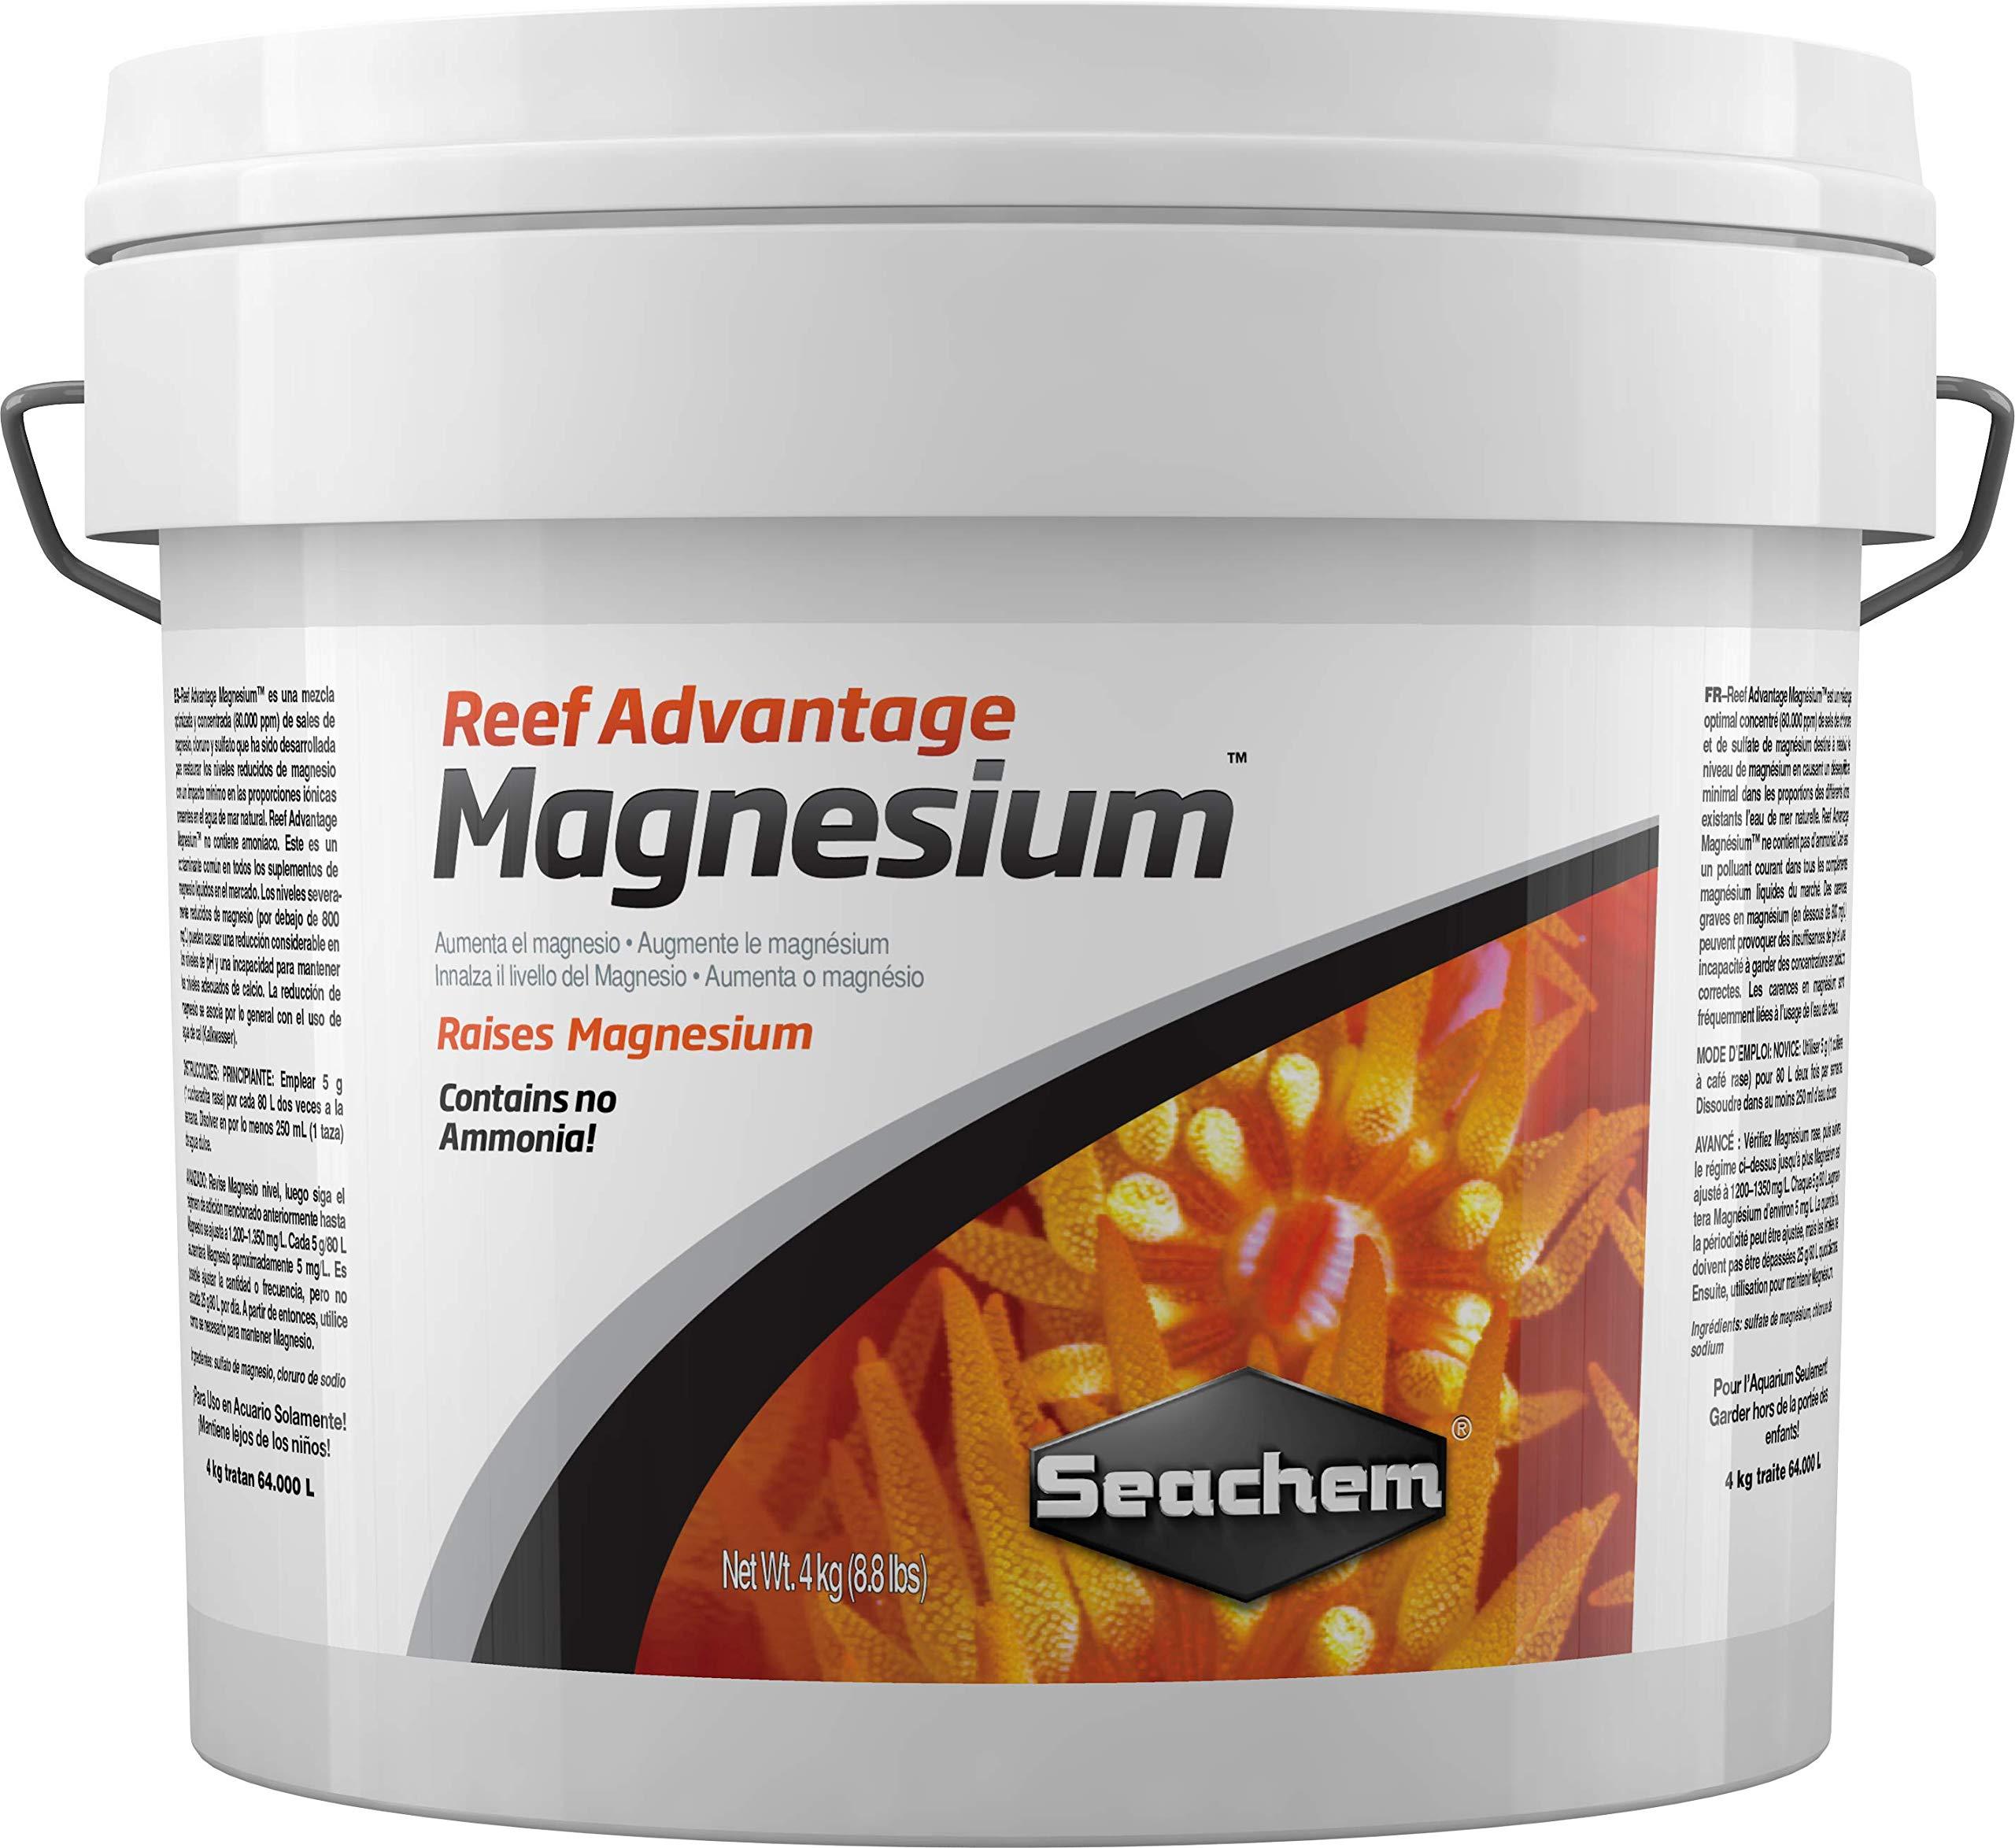 Reef Advantage Magnesium, 4 kg / 8.8 lbs